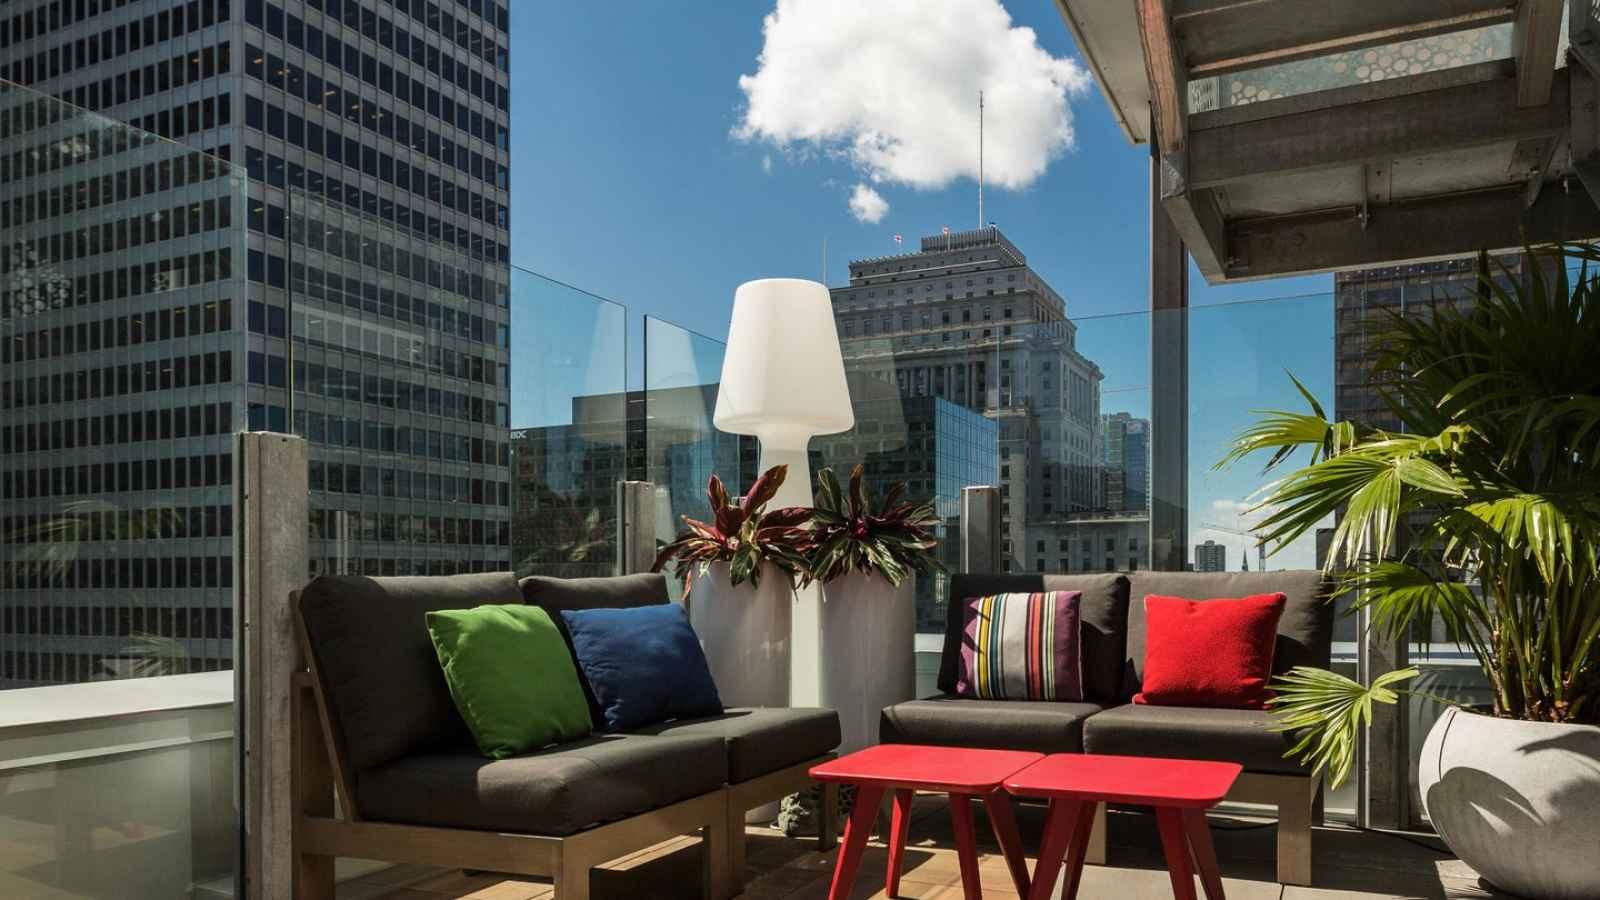 Canada - Montréal - Renaissance Hôtel Montreal 4*